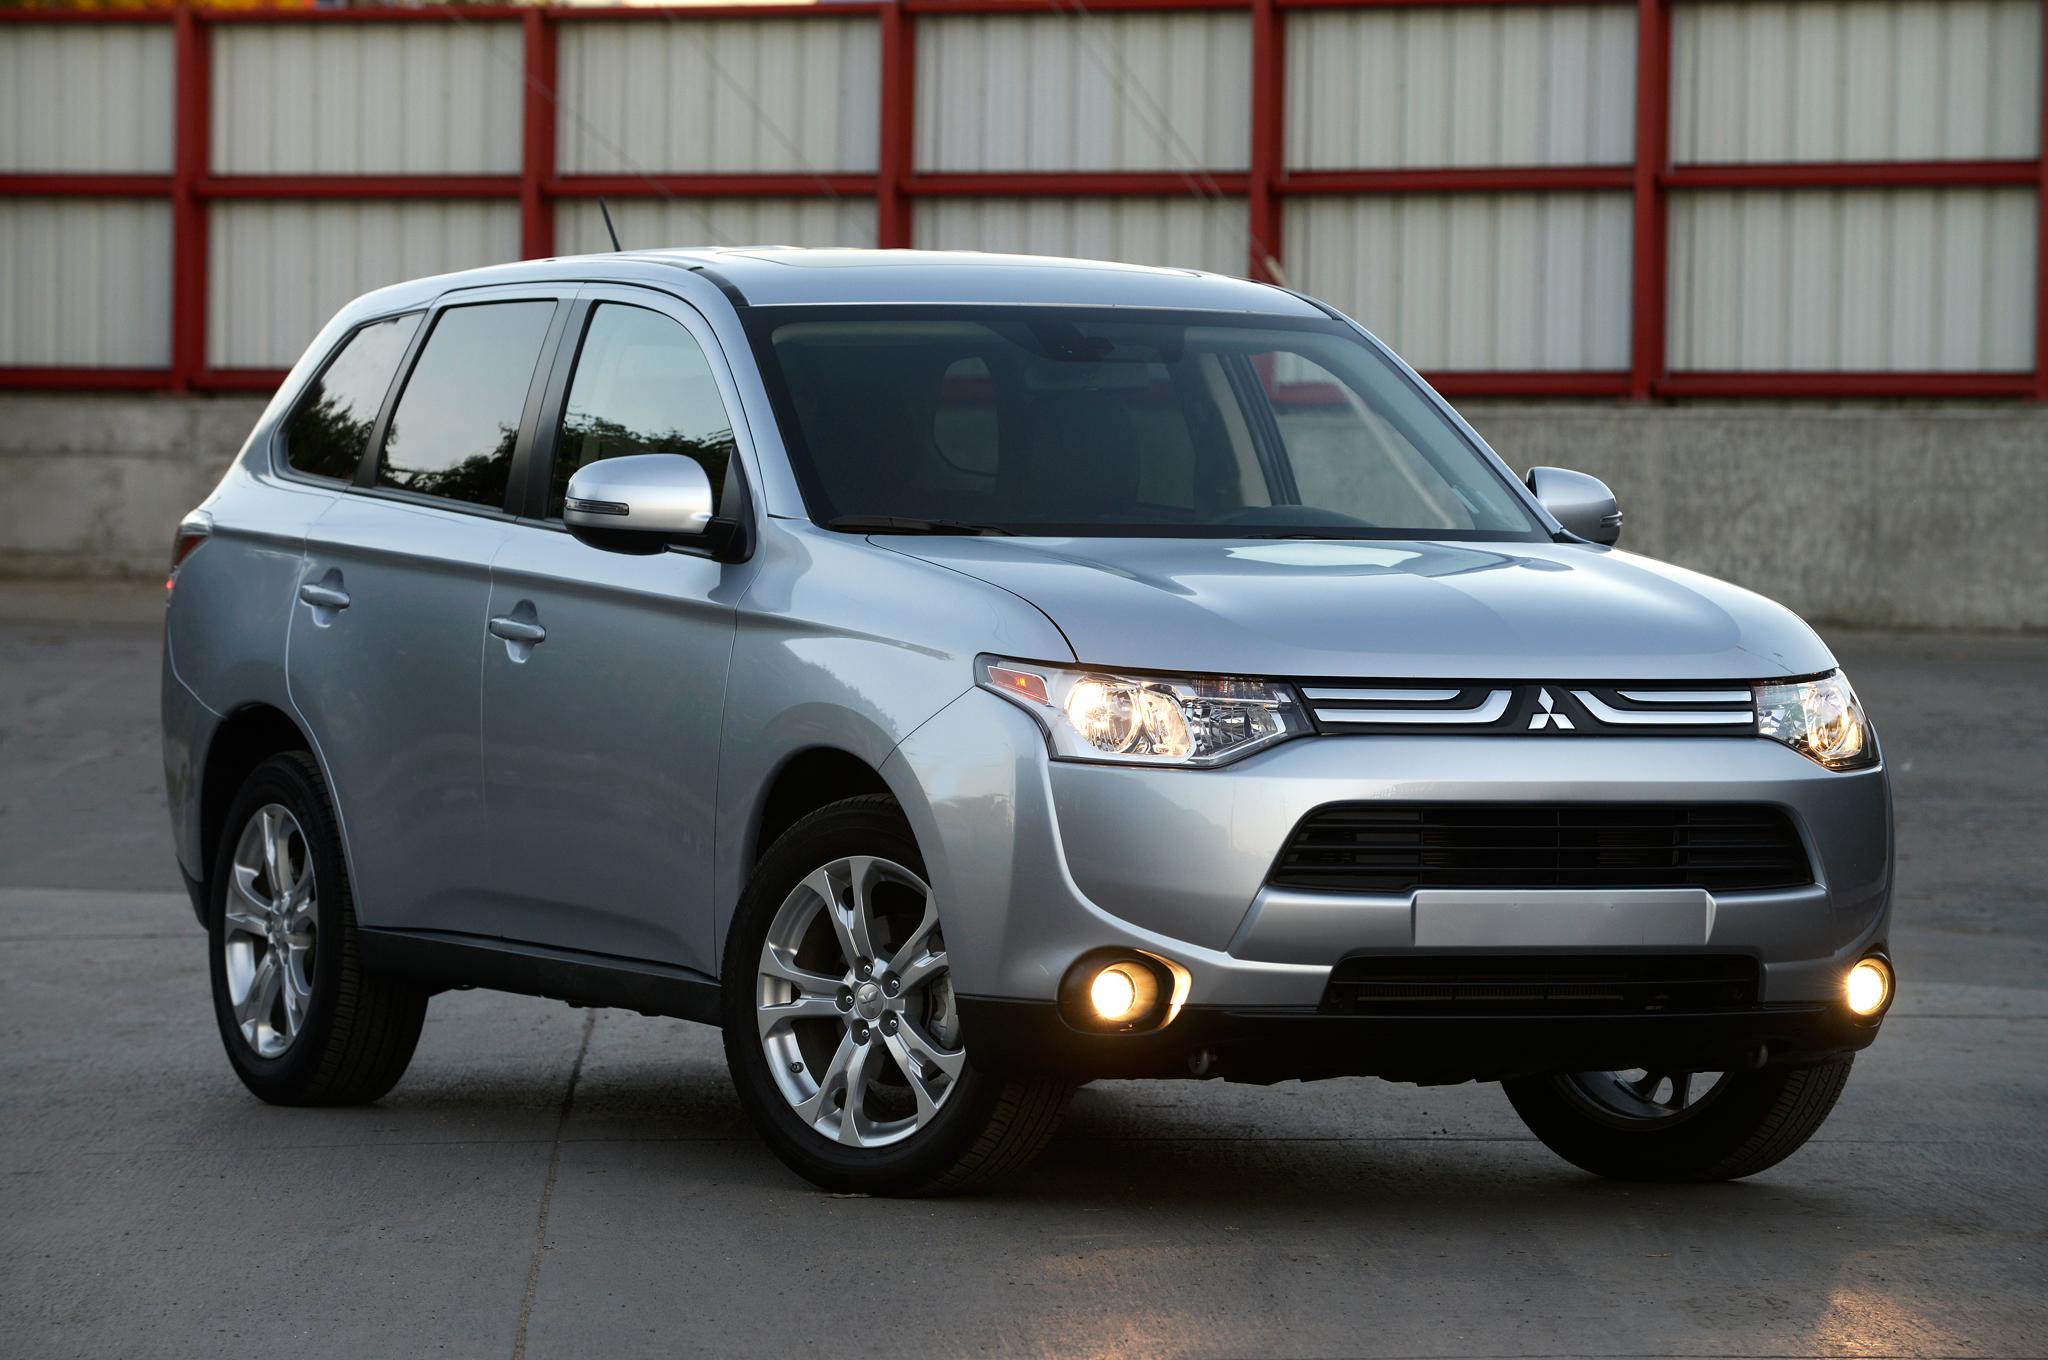 Продажи Mitsubishi на российском рынке выросли в 1,6 раза